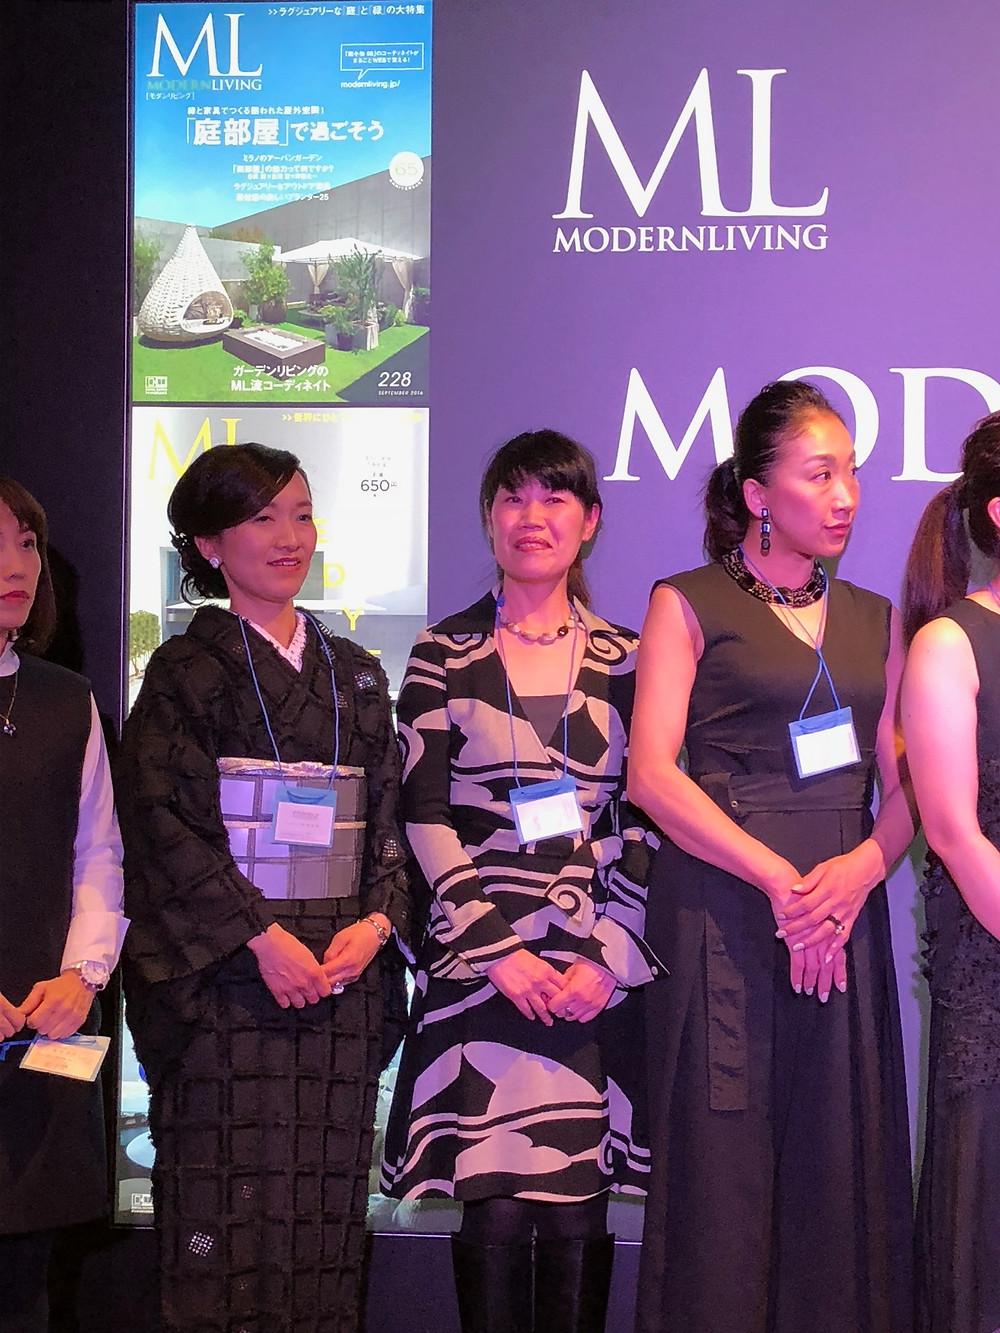 モダンリビング スタイリングデザイン賞にカーテン生地で作った着物で参加のインテリアコーディネーター